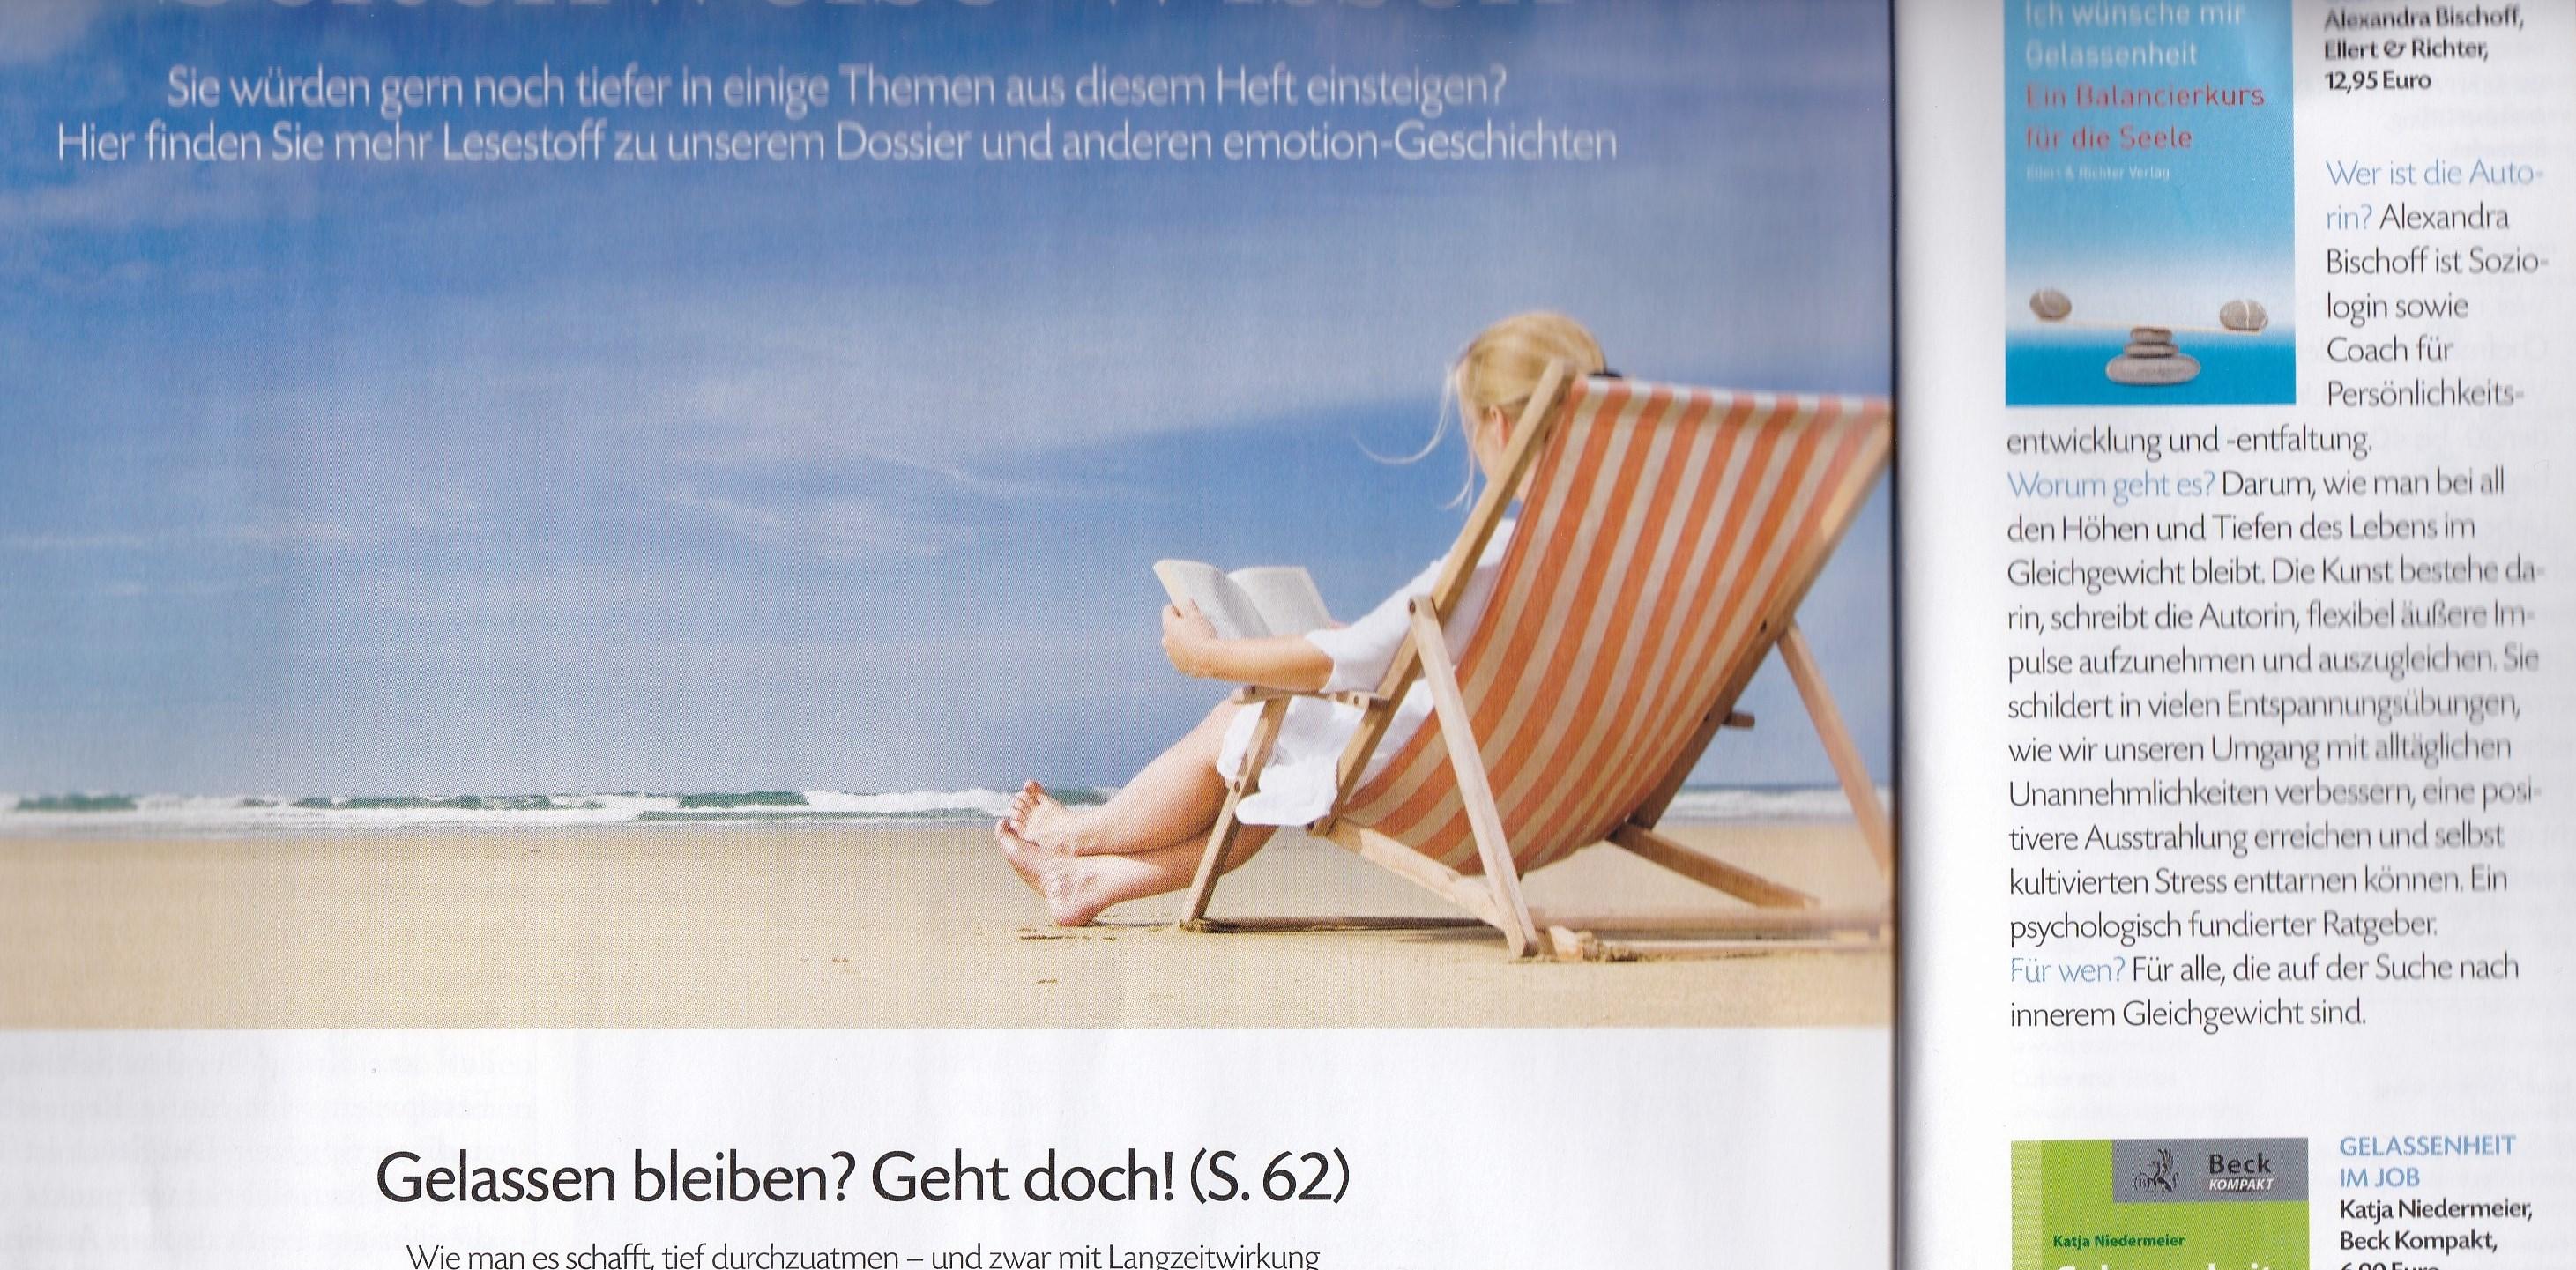 emotion August 2014 mit Liegestuhl